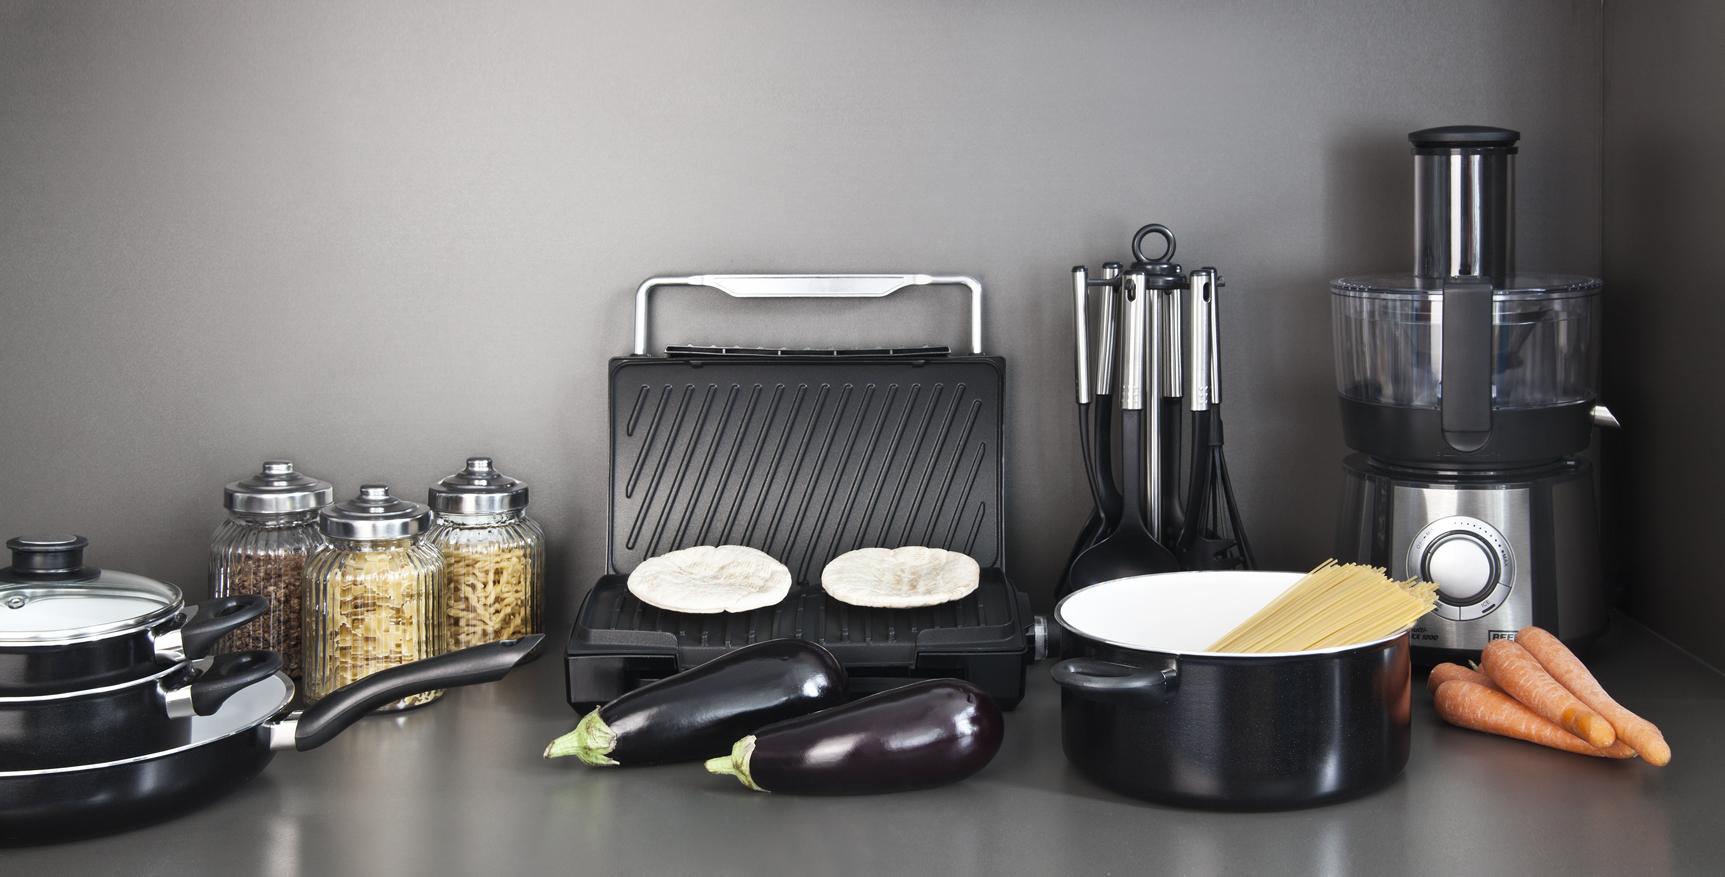 Piastra elettrica cucinare e mangiare sano dalani e ora westwing - Macchina per cucinare ...